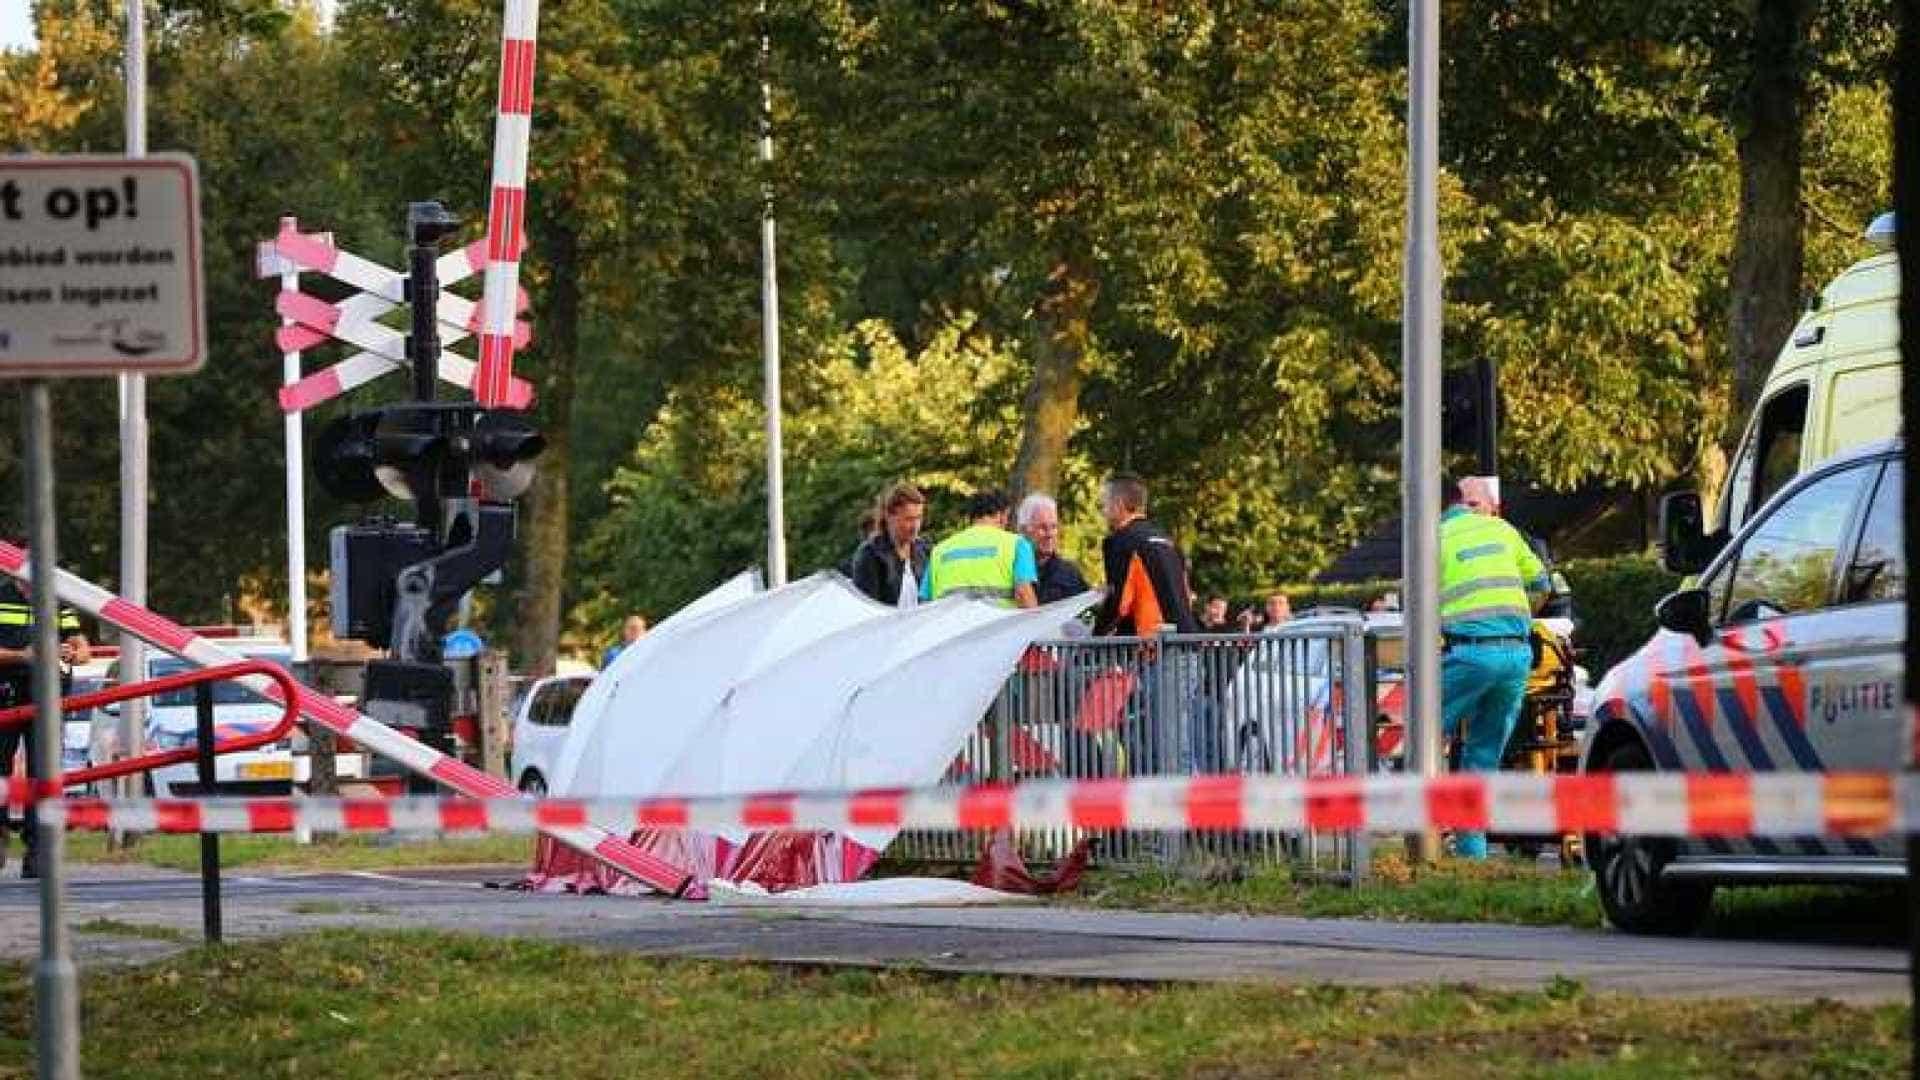 Quatro crianças morrem em colisão entre trêm e bicicleta na Holanda